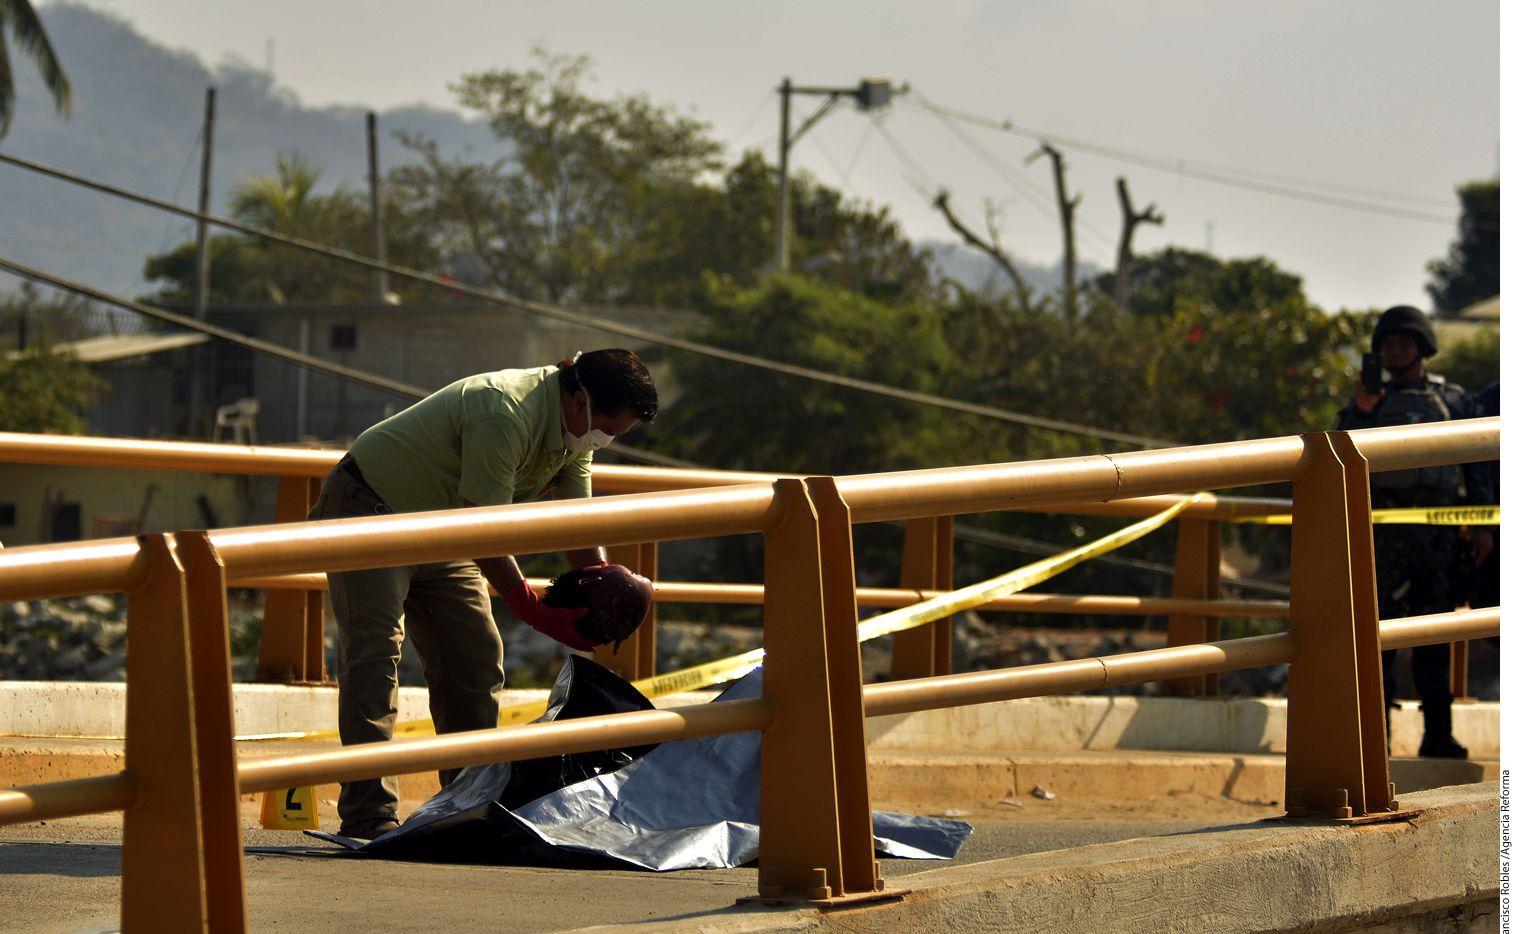 En la colonia La Frontera, en Acapulco, se encontraron cuatro bolsas con los restos de un hombre desmembrado. AGENCIA REFORMA